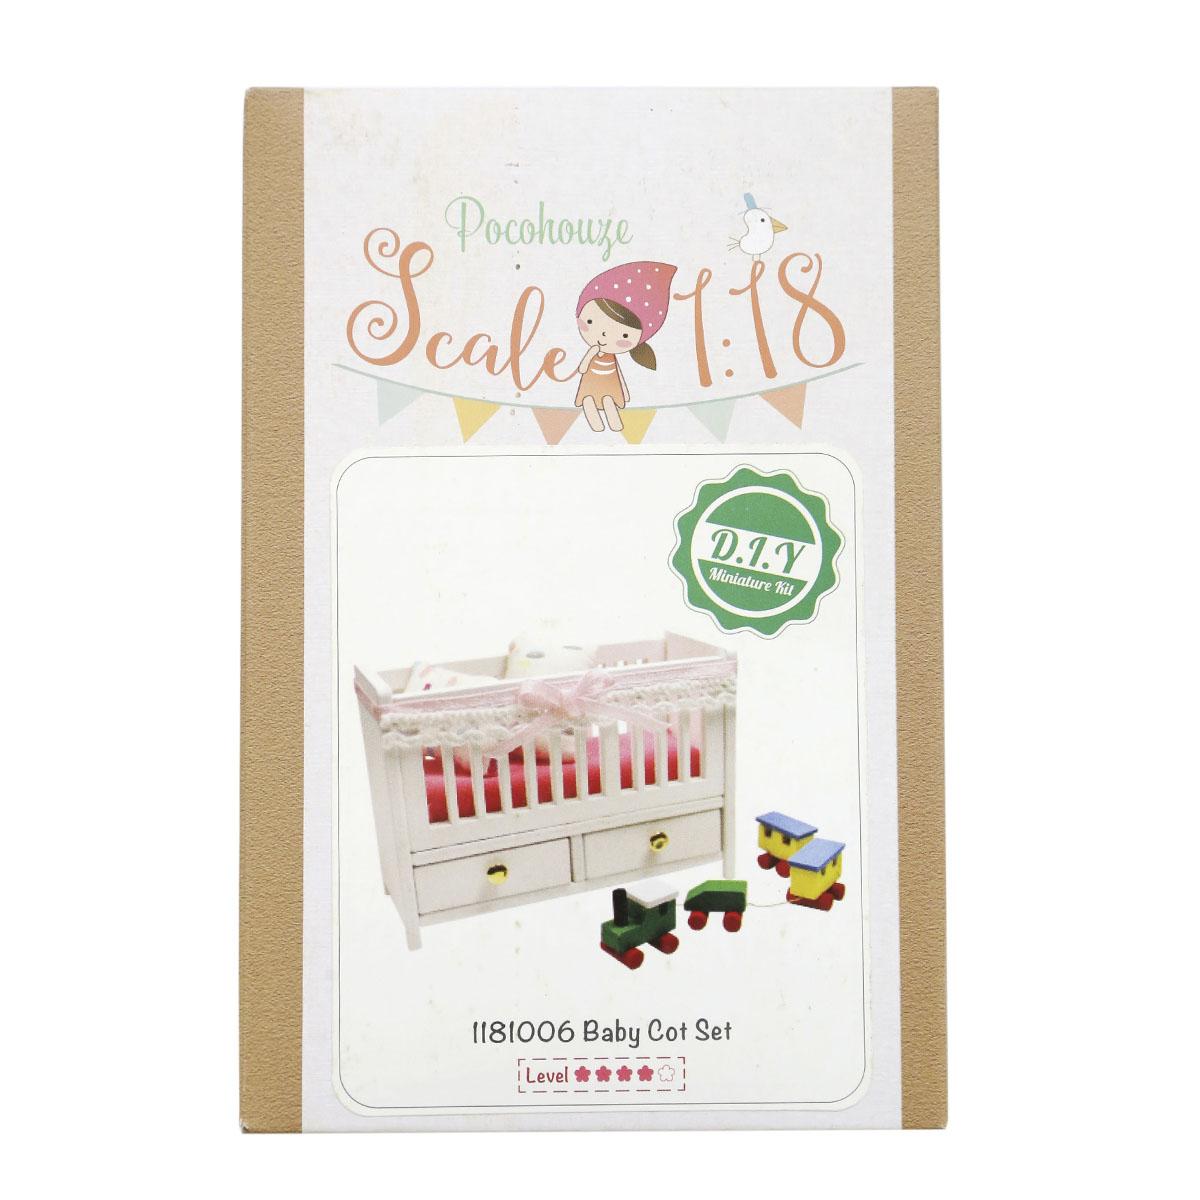 Набор для изготовления миниатюры Pocohouse Детская кроватка. 1181006 бернадетт куксарт лепим мебель для кукольного дома